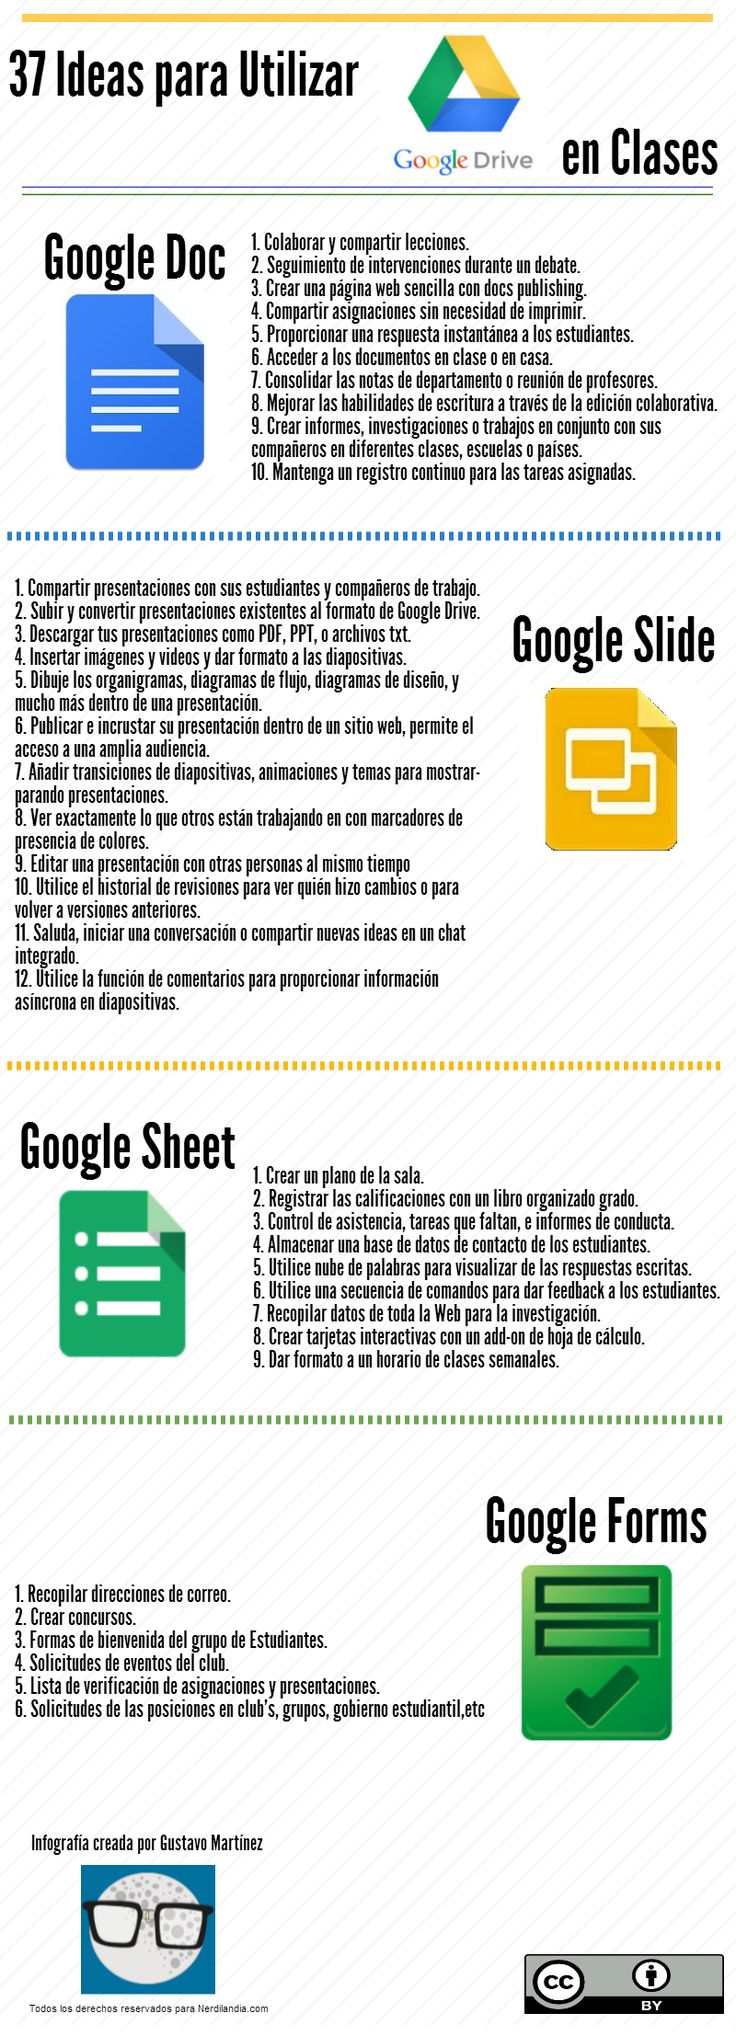 37 utilidades de Google para educación.